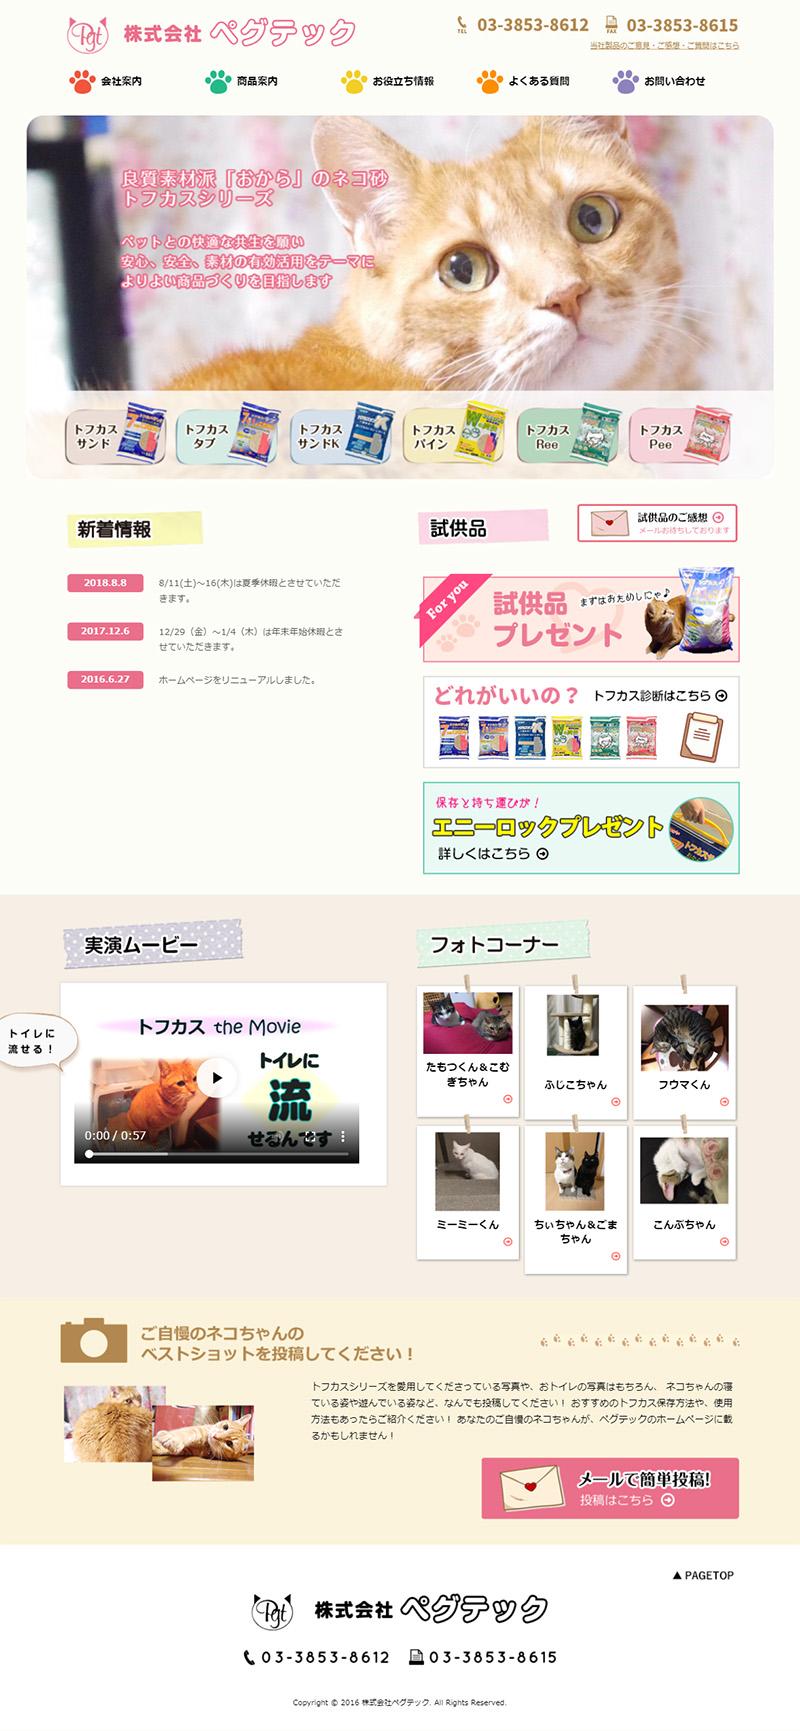 ホームページ制作実績株式会社ペグテック様 - 会社HP